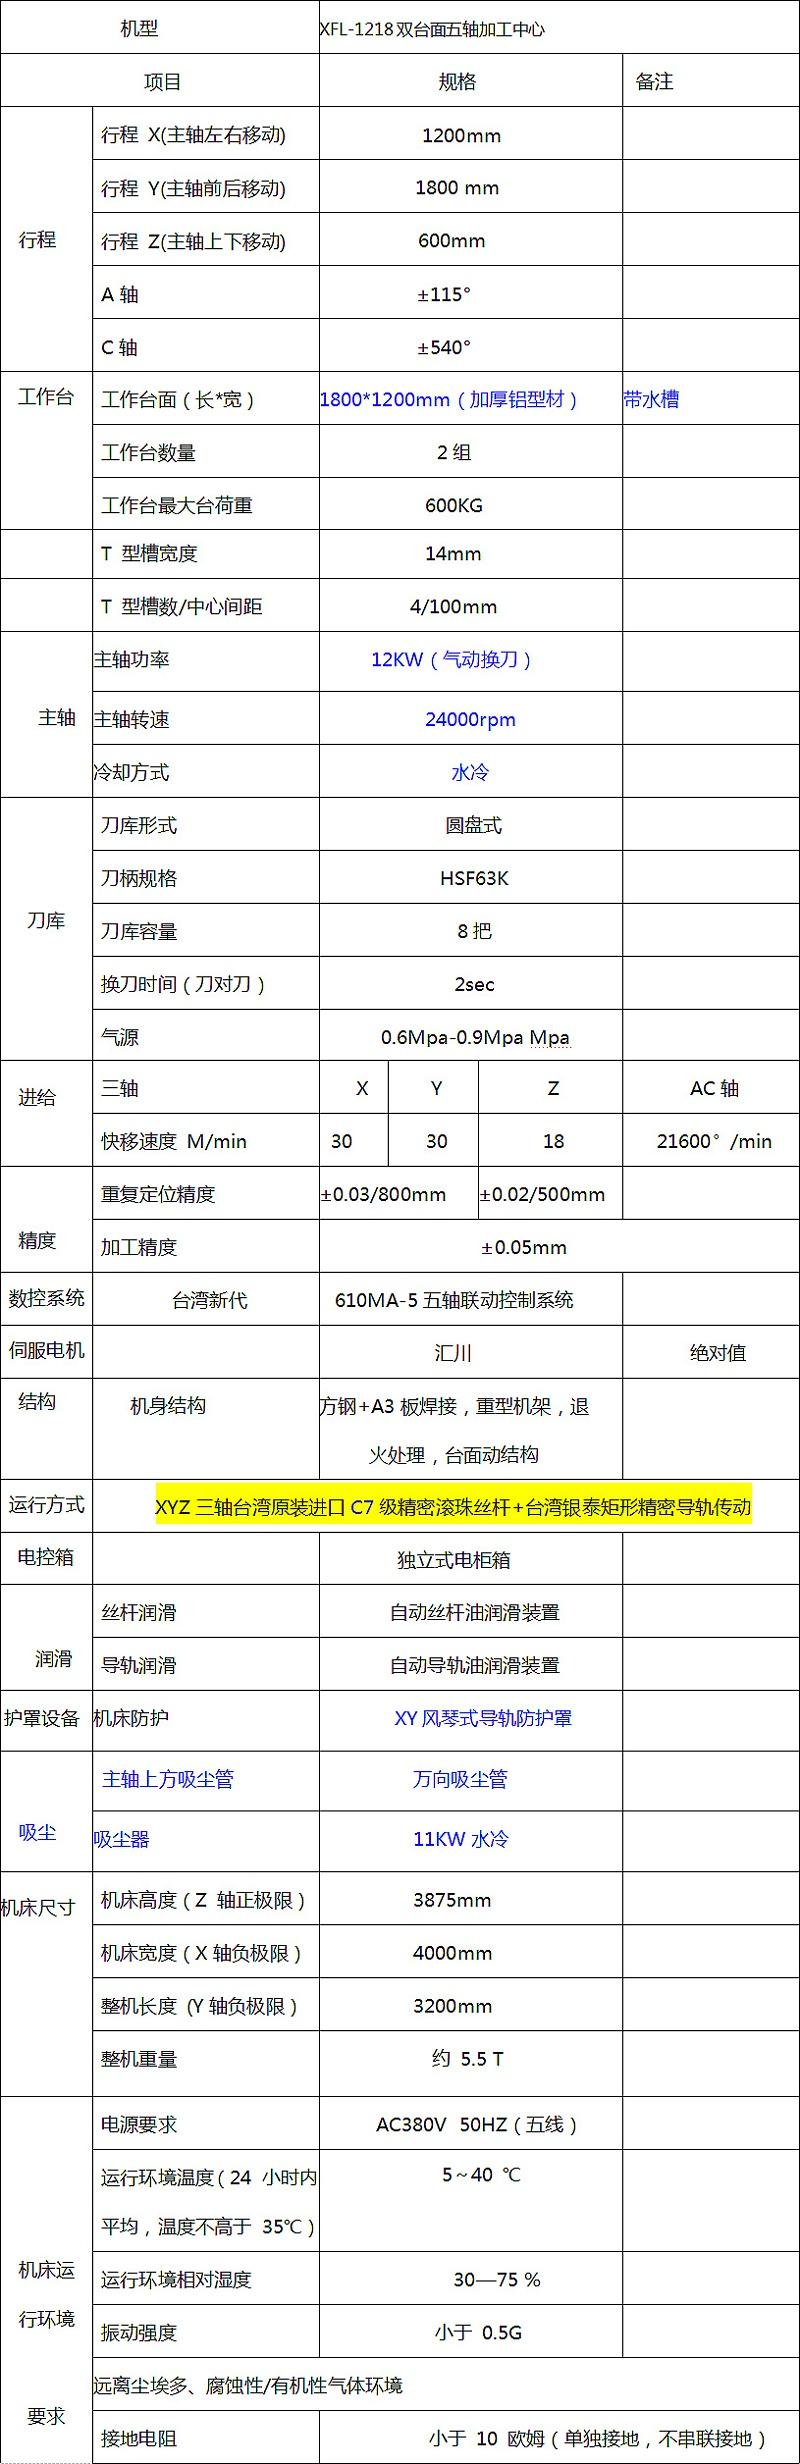 五轴加工中心设备技术参数表